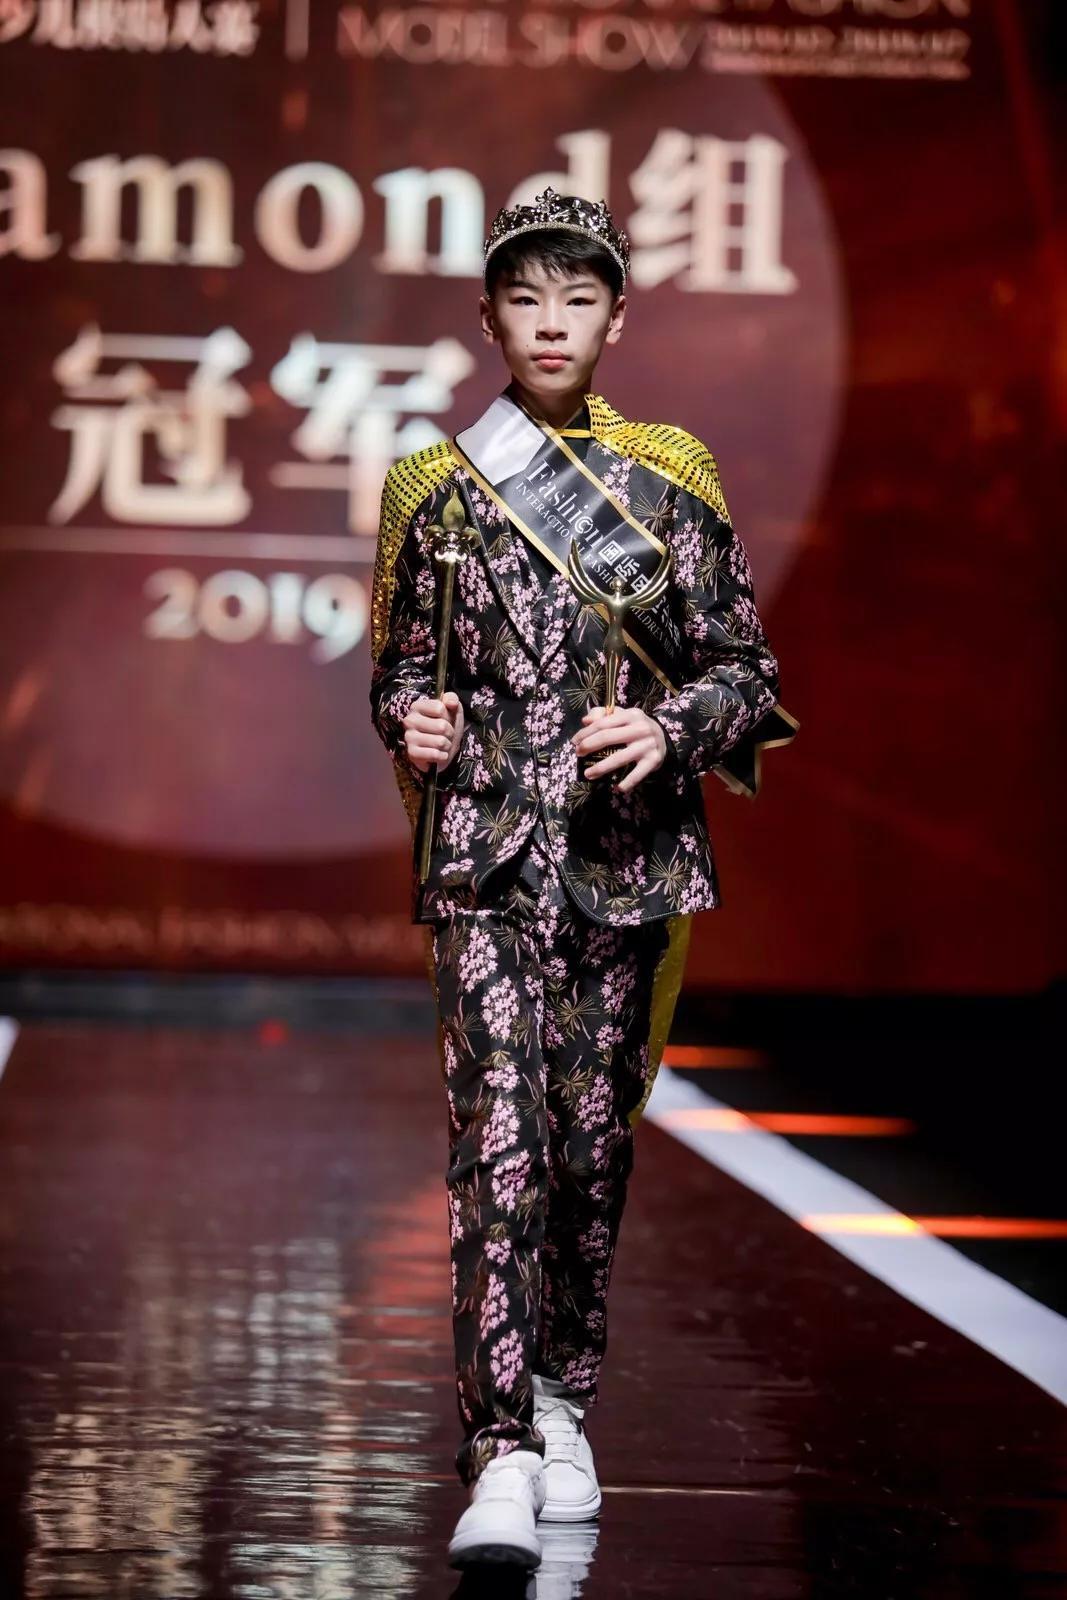 国际风尚 | 2019国际风尚少儿模特大赛diamond组冠军——王浩东